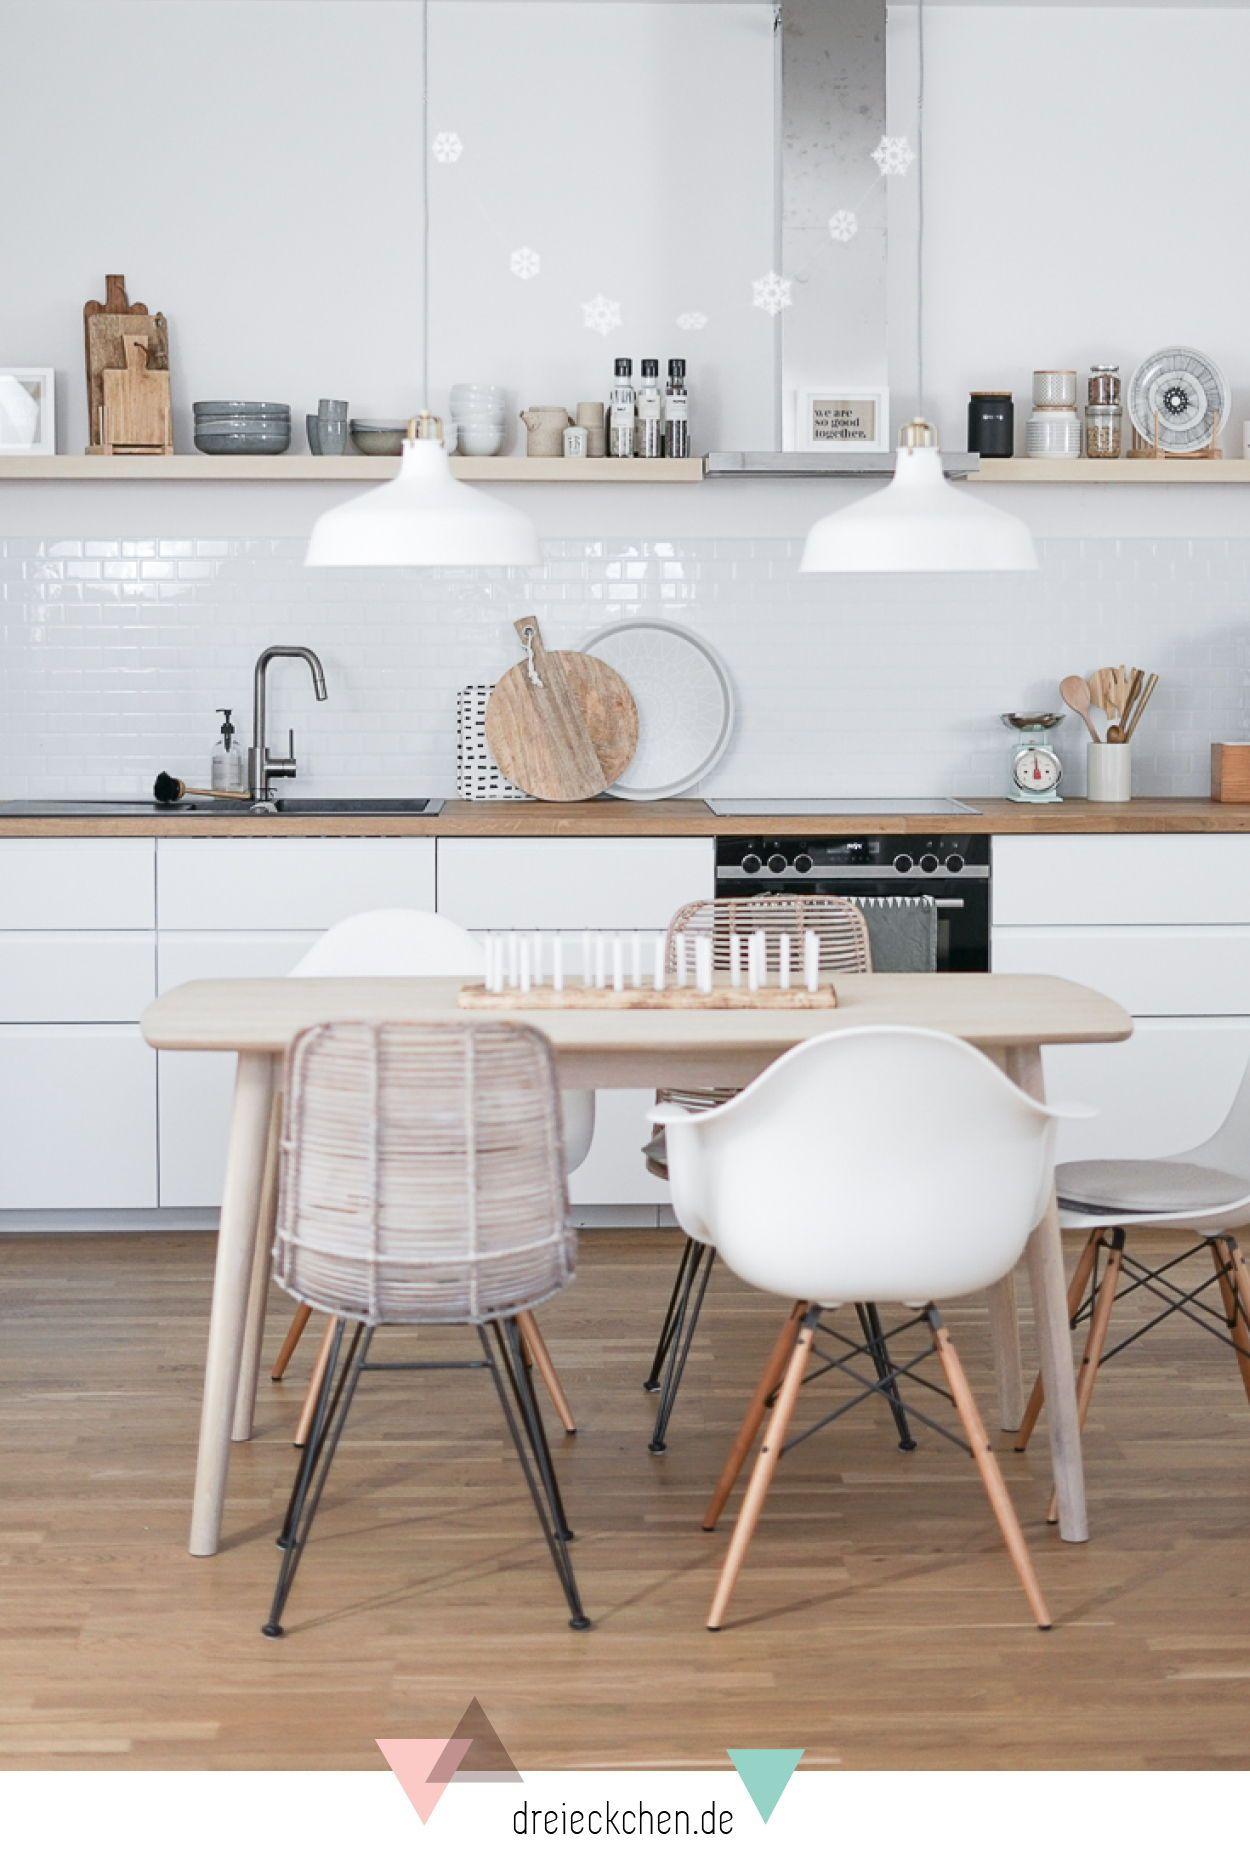 Full Size of Küchenrückwände Ikea Sofa Mit Schlaffunktion Miniküche Betten Bei Modulküche Küche Kaufen Kosten 160x200 Wohnzimmer Küchenrückwände Ikea